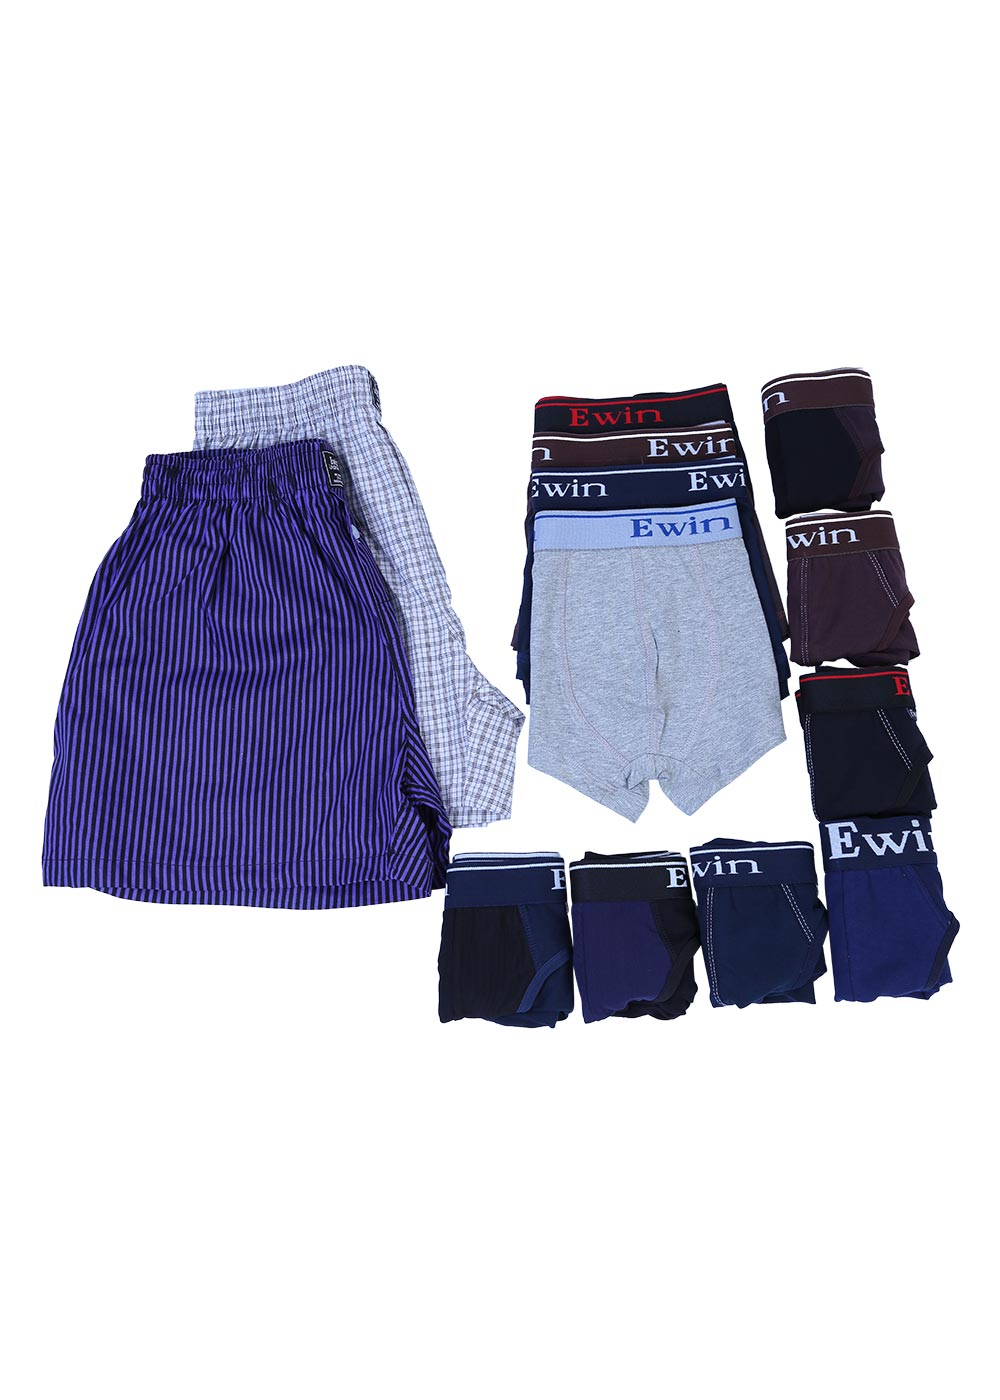 Combo Ewin EQ004: 6 Quần Lót Bikini + 4 Quần Boxer + 2 Quần Mặc Nhà Cho Nam - 1347101061875,62_3912301,844000,tiki.vn,Combo-Ewin-EQ004-6-Quan-Lot-Bikini-4-Quan-Boxer-2-Quan-Mac-Nha-Cho-Nam-62_3912301,Combo Ewin EQ004: 6 Quần Lót Bikini + 4 Quần Boxer + 2 Quần Mặc Nhà Cho Nam